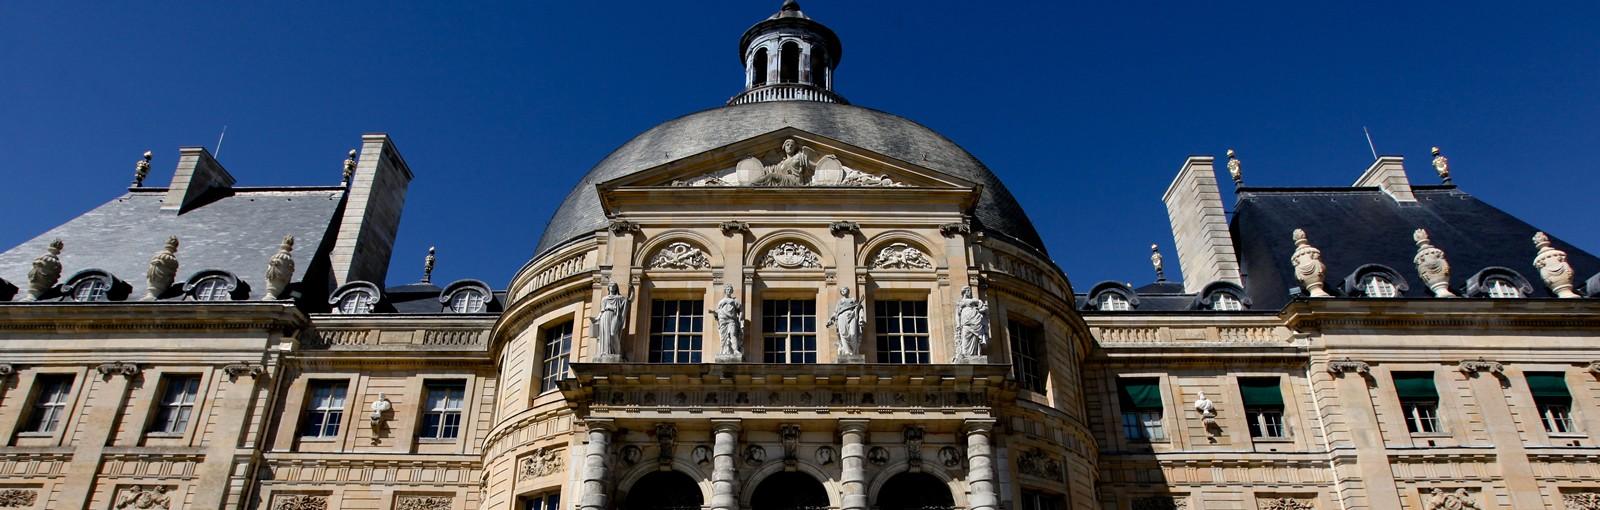 Tours Vaux-le-Vicomte - Medio-días - Excursiones desde París